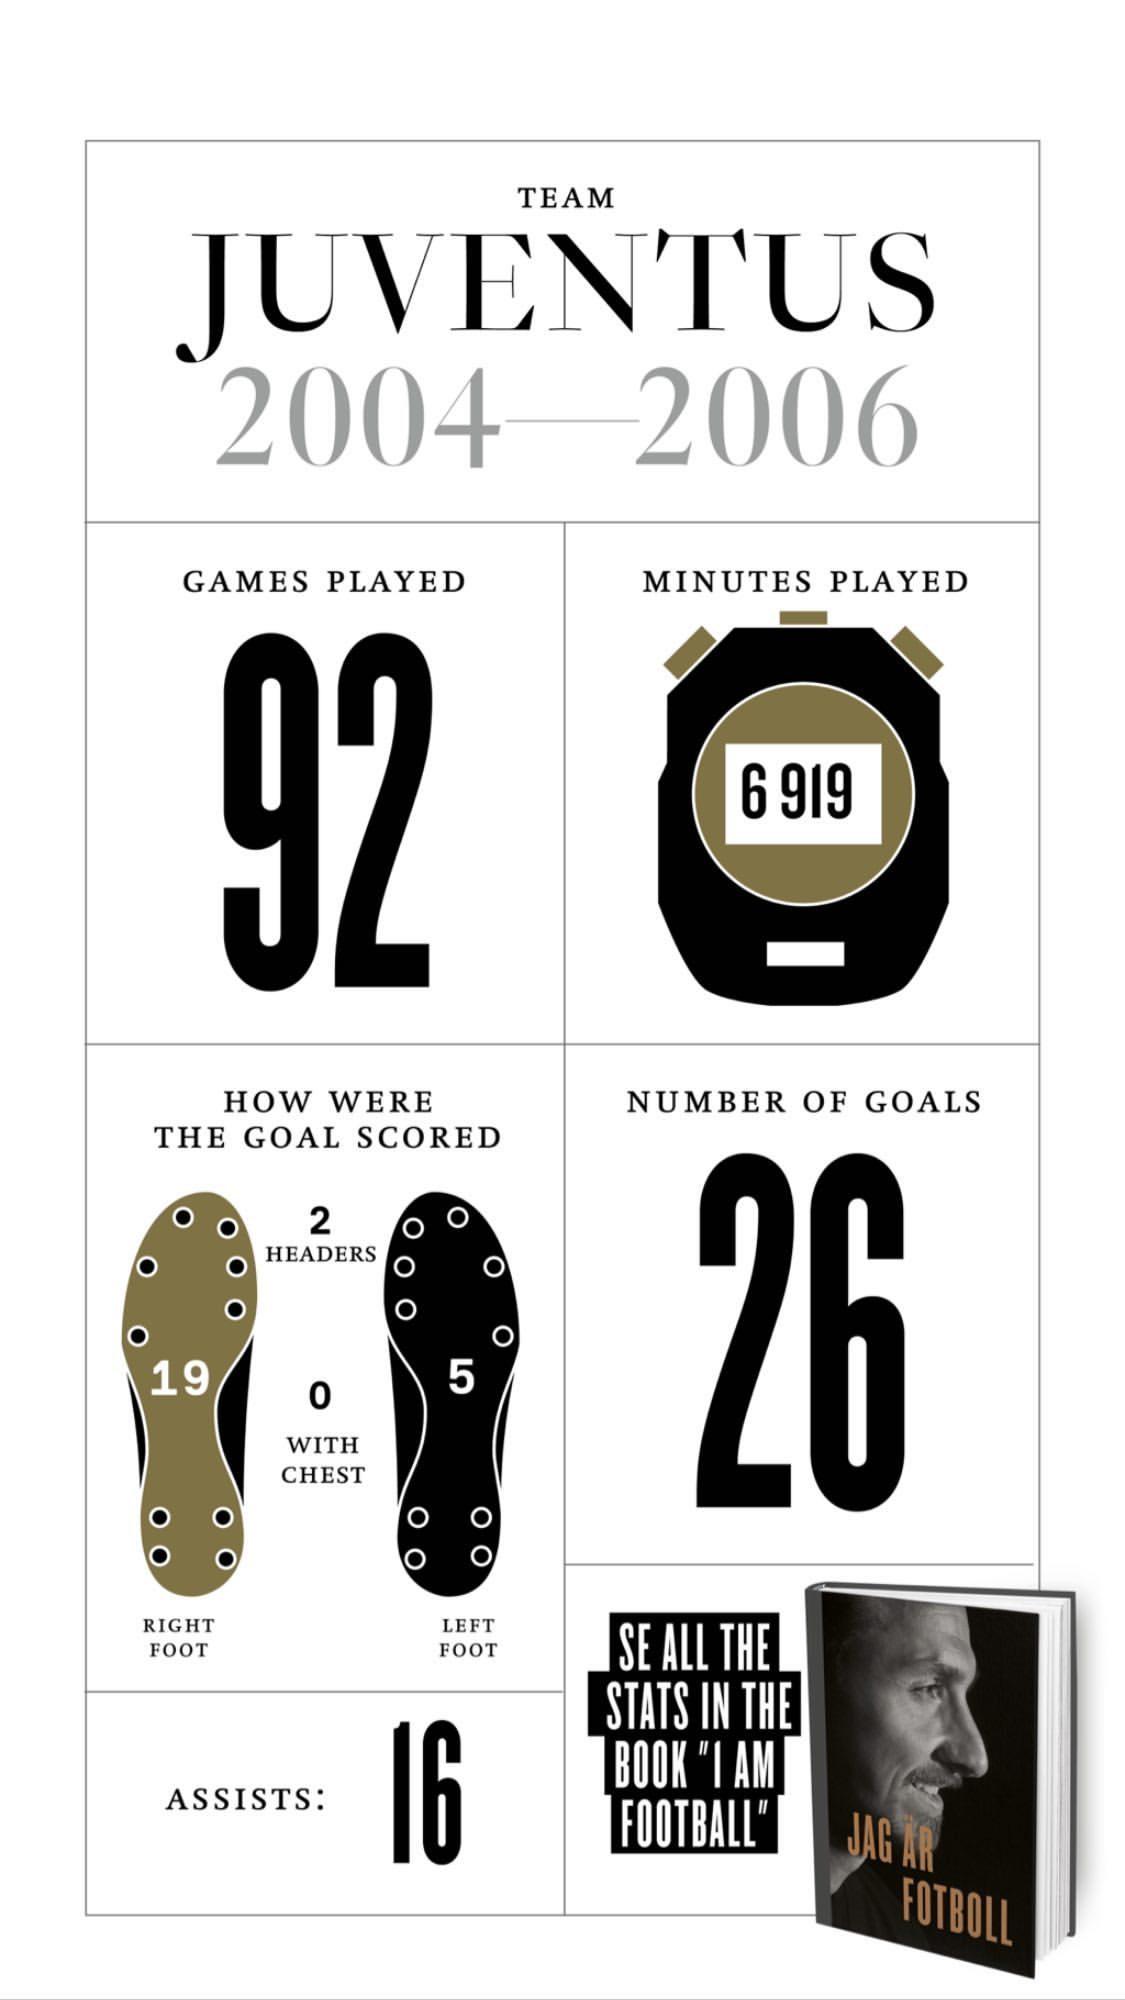 Златистика: интересные цифры Златана Ибрагимовича (Фото) - изображение 3